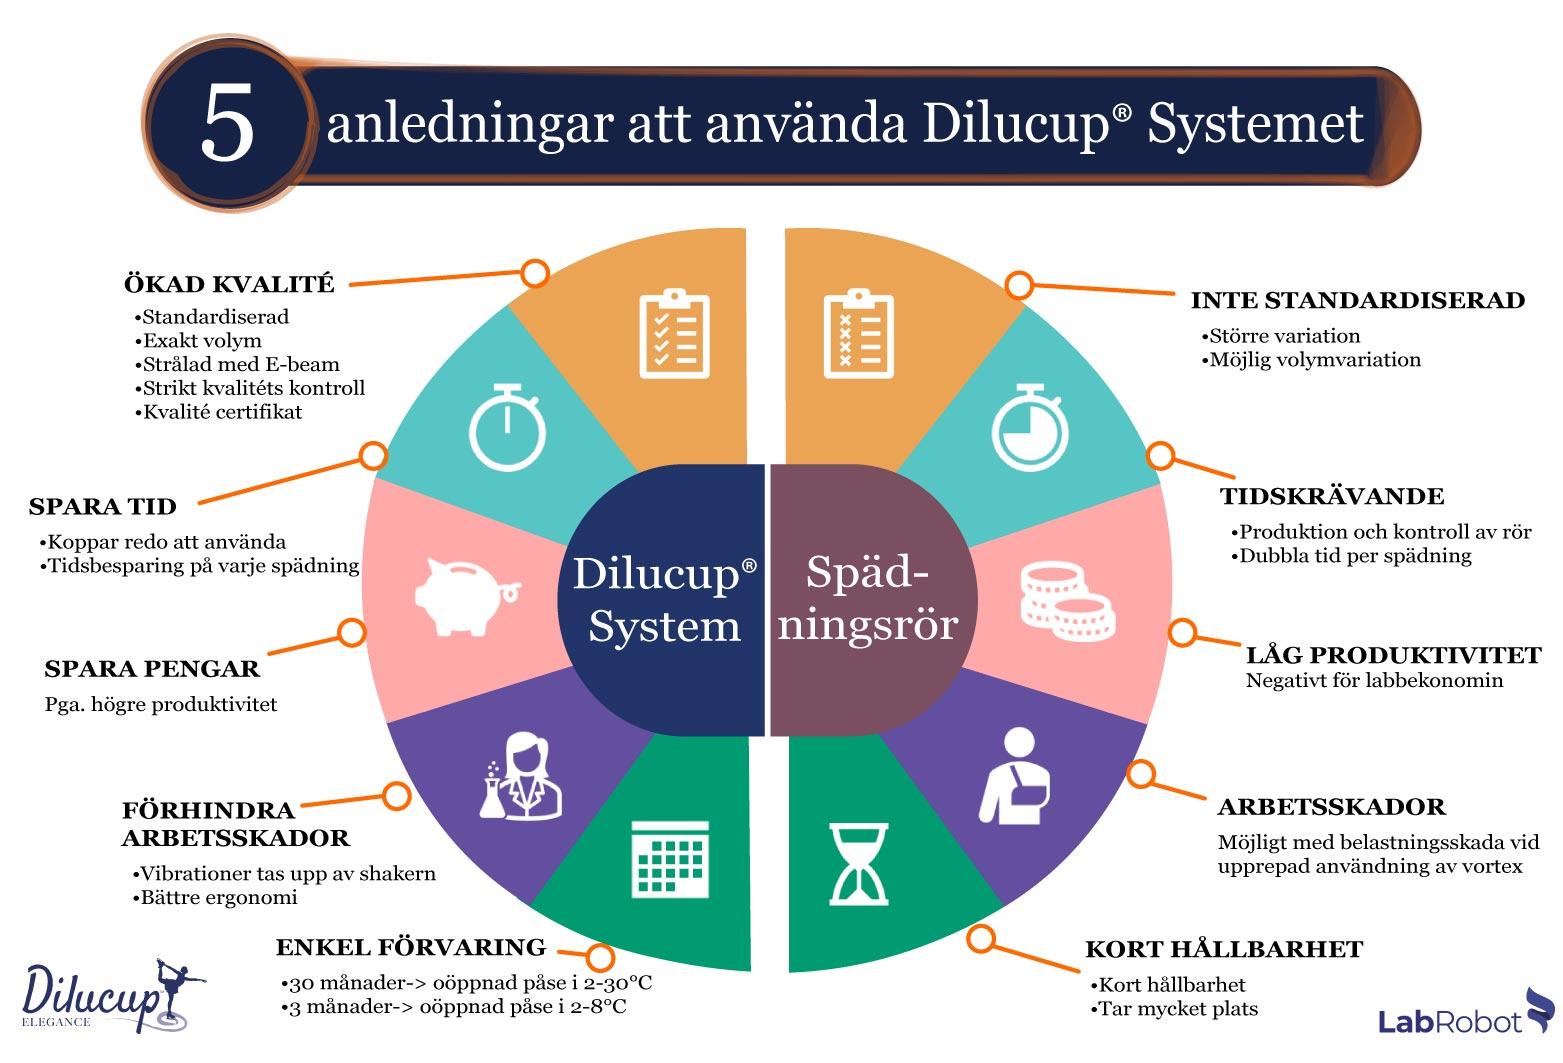 5 anledningar att använda Dilucup System